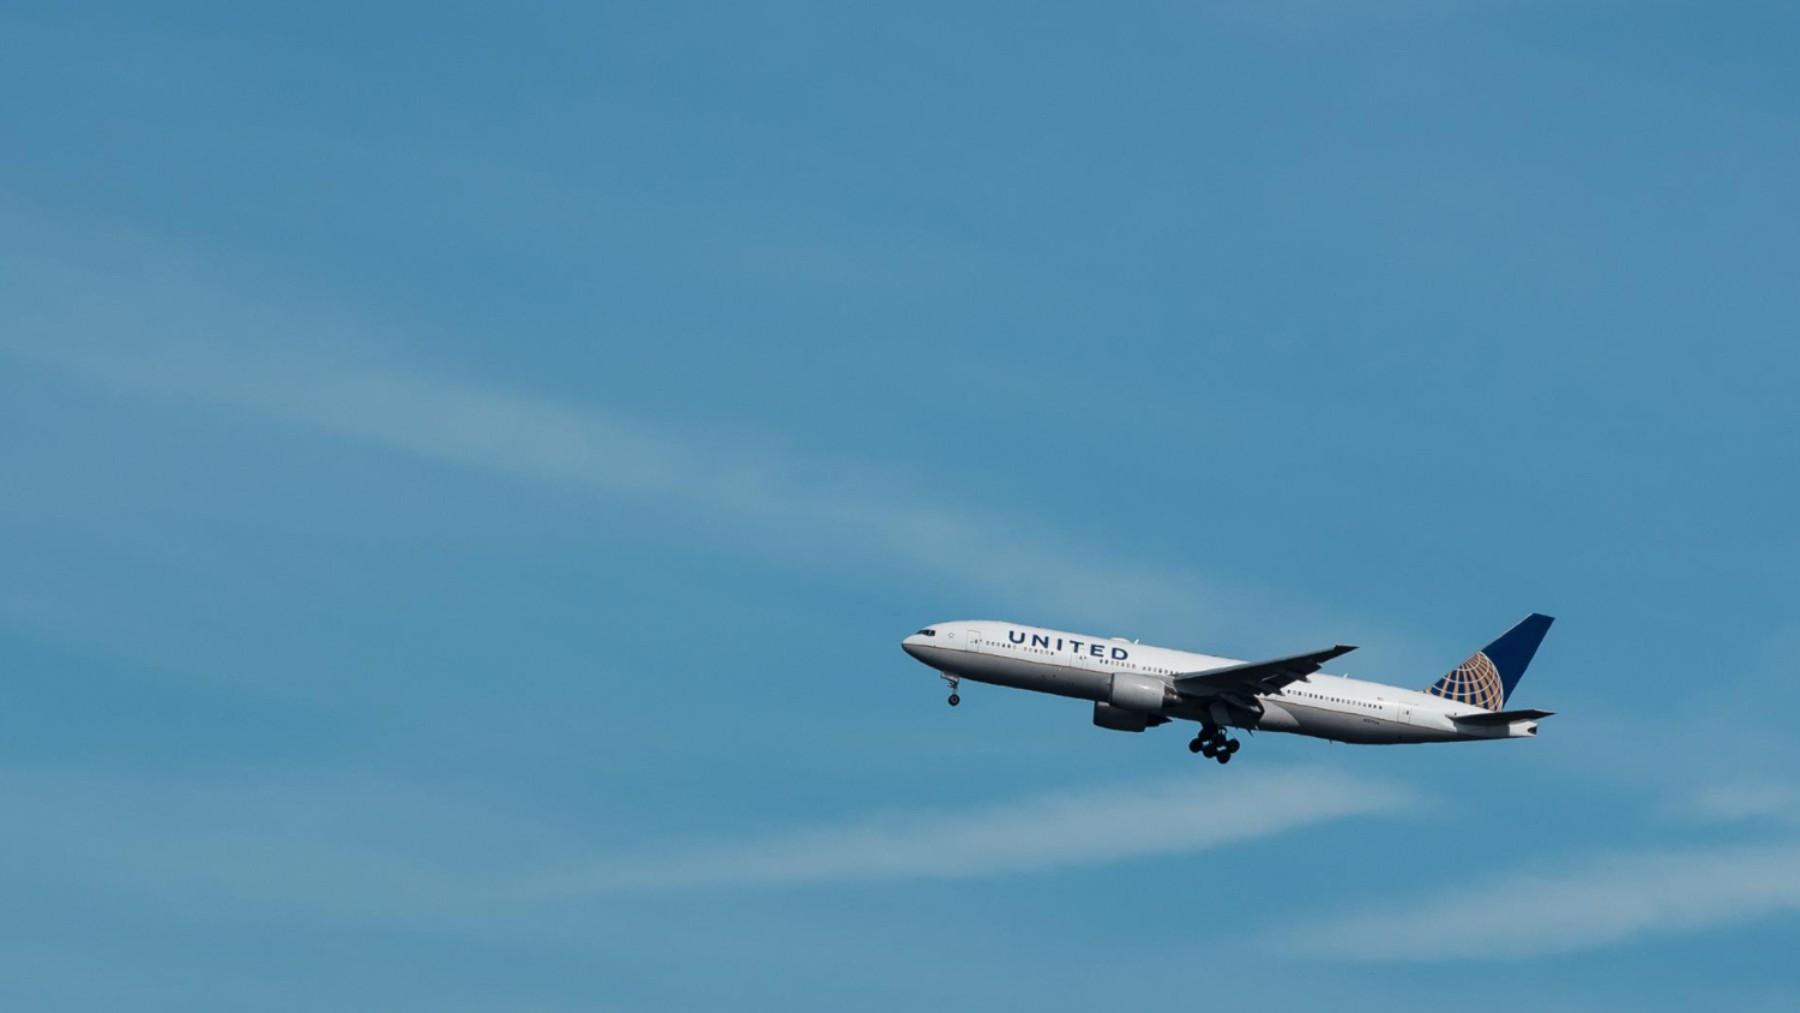 Vuelo de United Airlines – Silas Stein/dpa – Archivo.